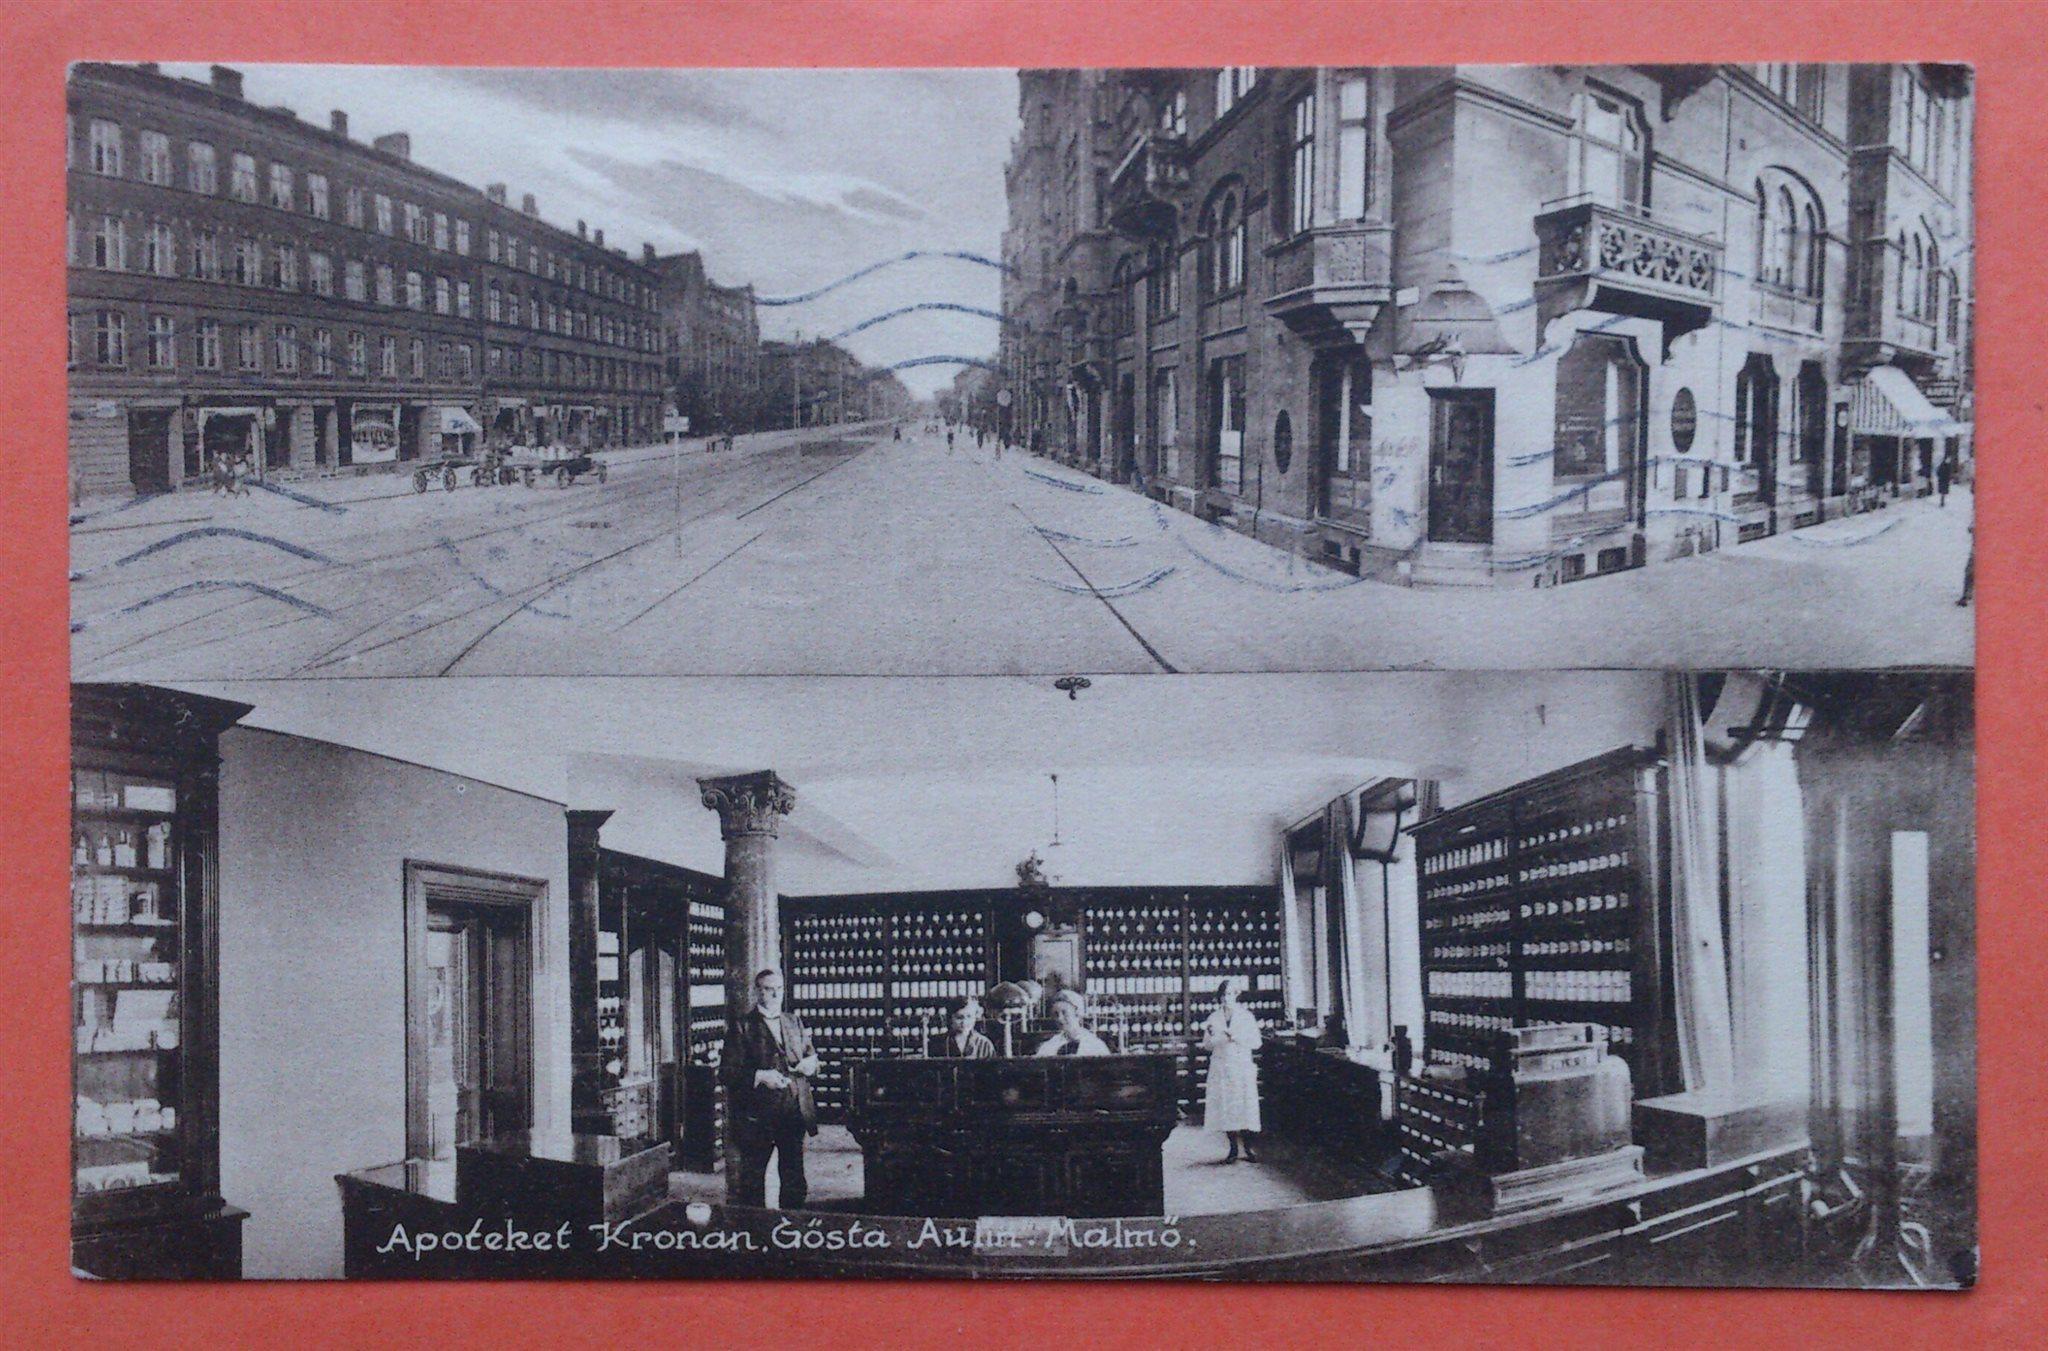 apotek regementsgatan malmö